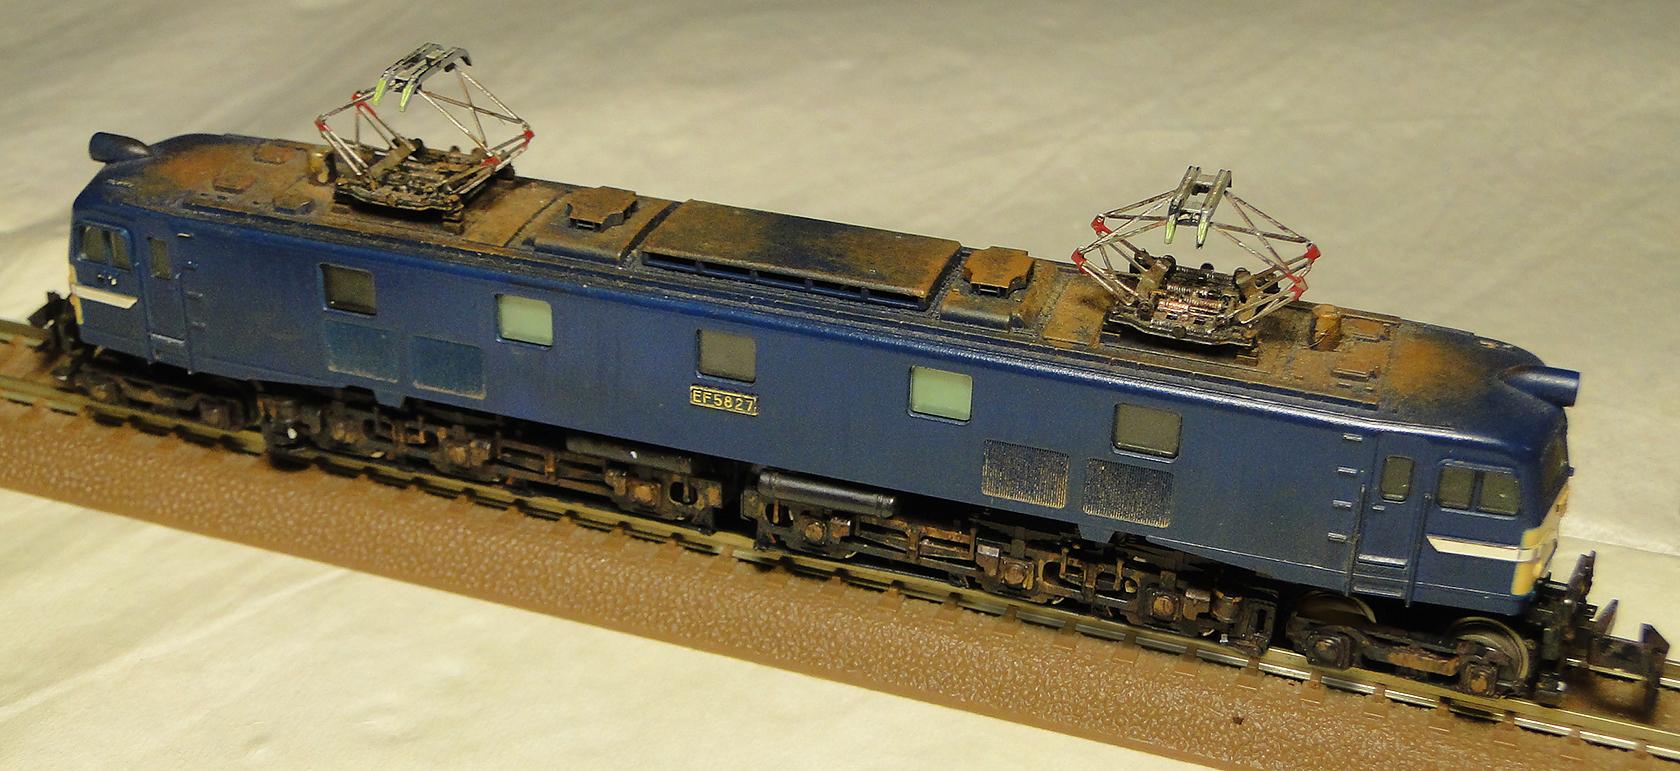 http://moritetsu.info/model-railway/img/DSC06233ssss.jpg